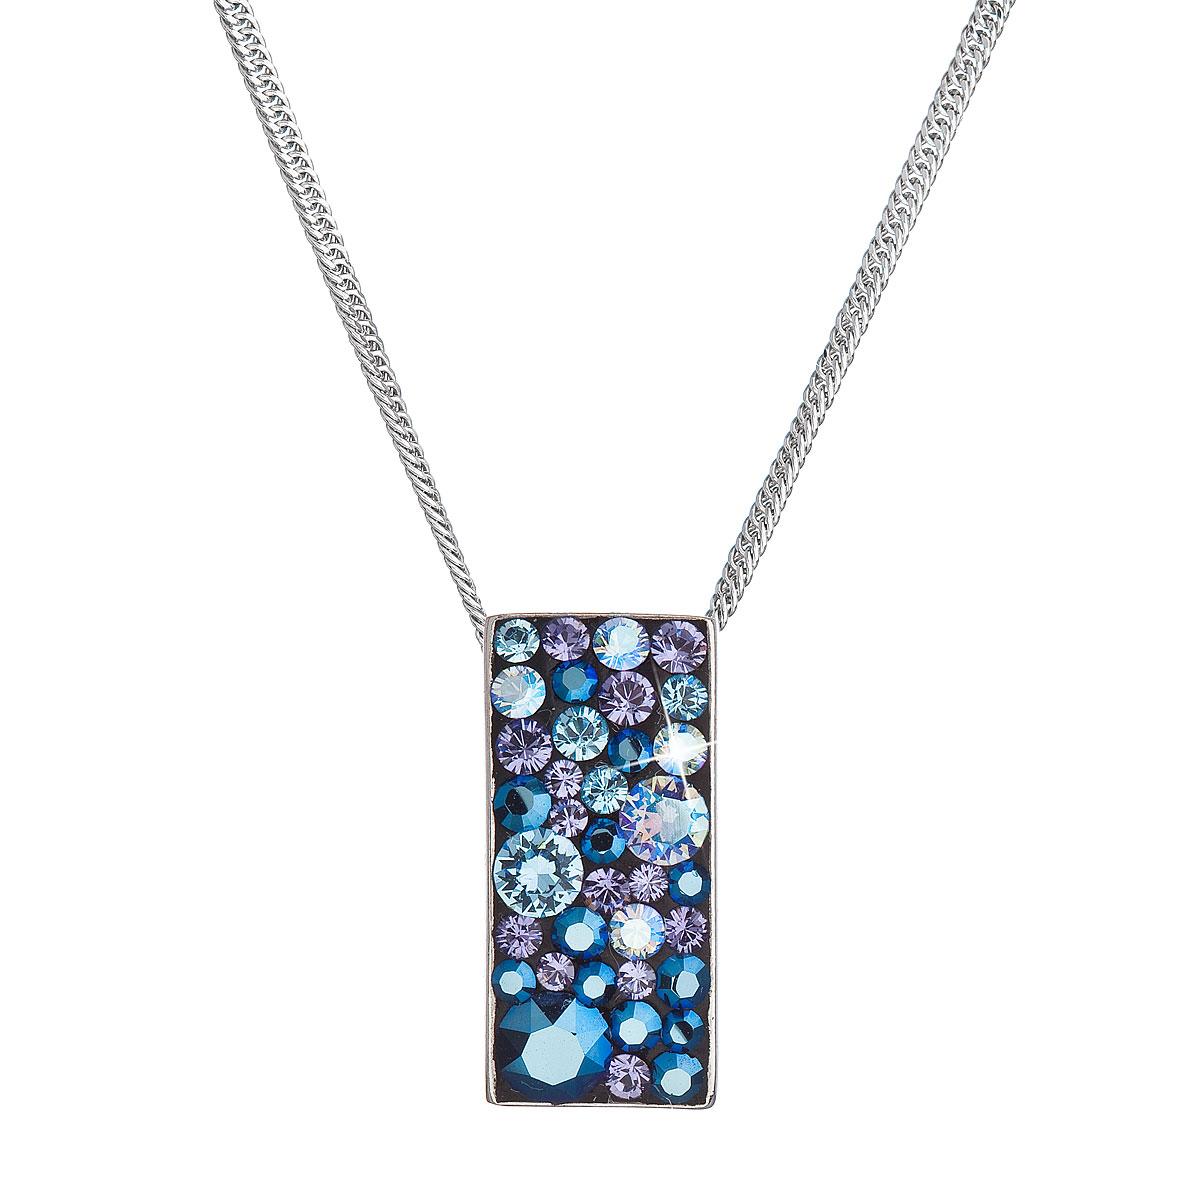 Strieborný náhrdelník so Swarovski kryštálmi modrý obdĺžnik 32074.3 blue style